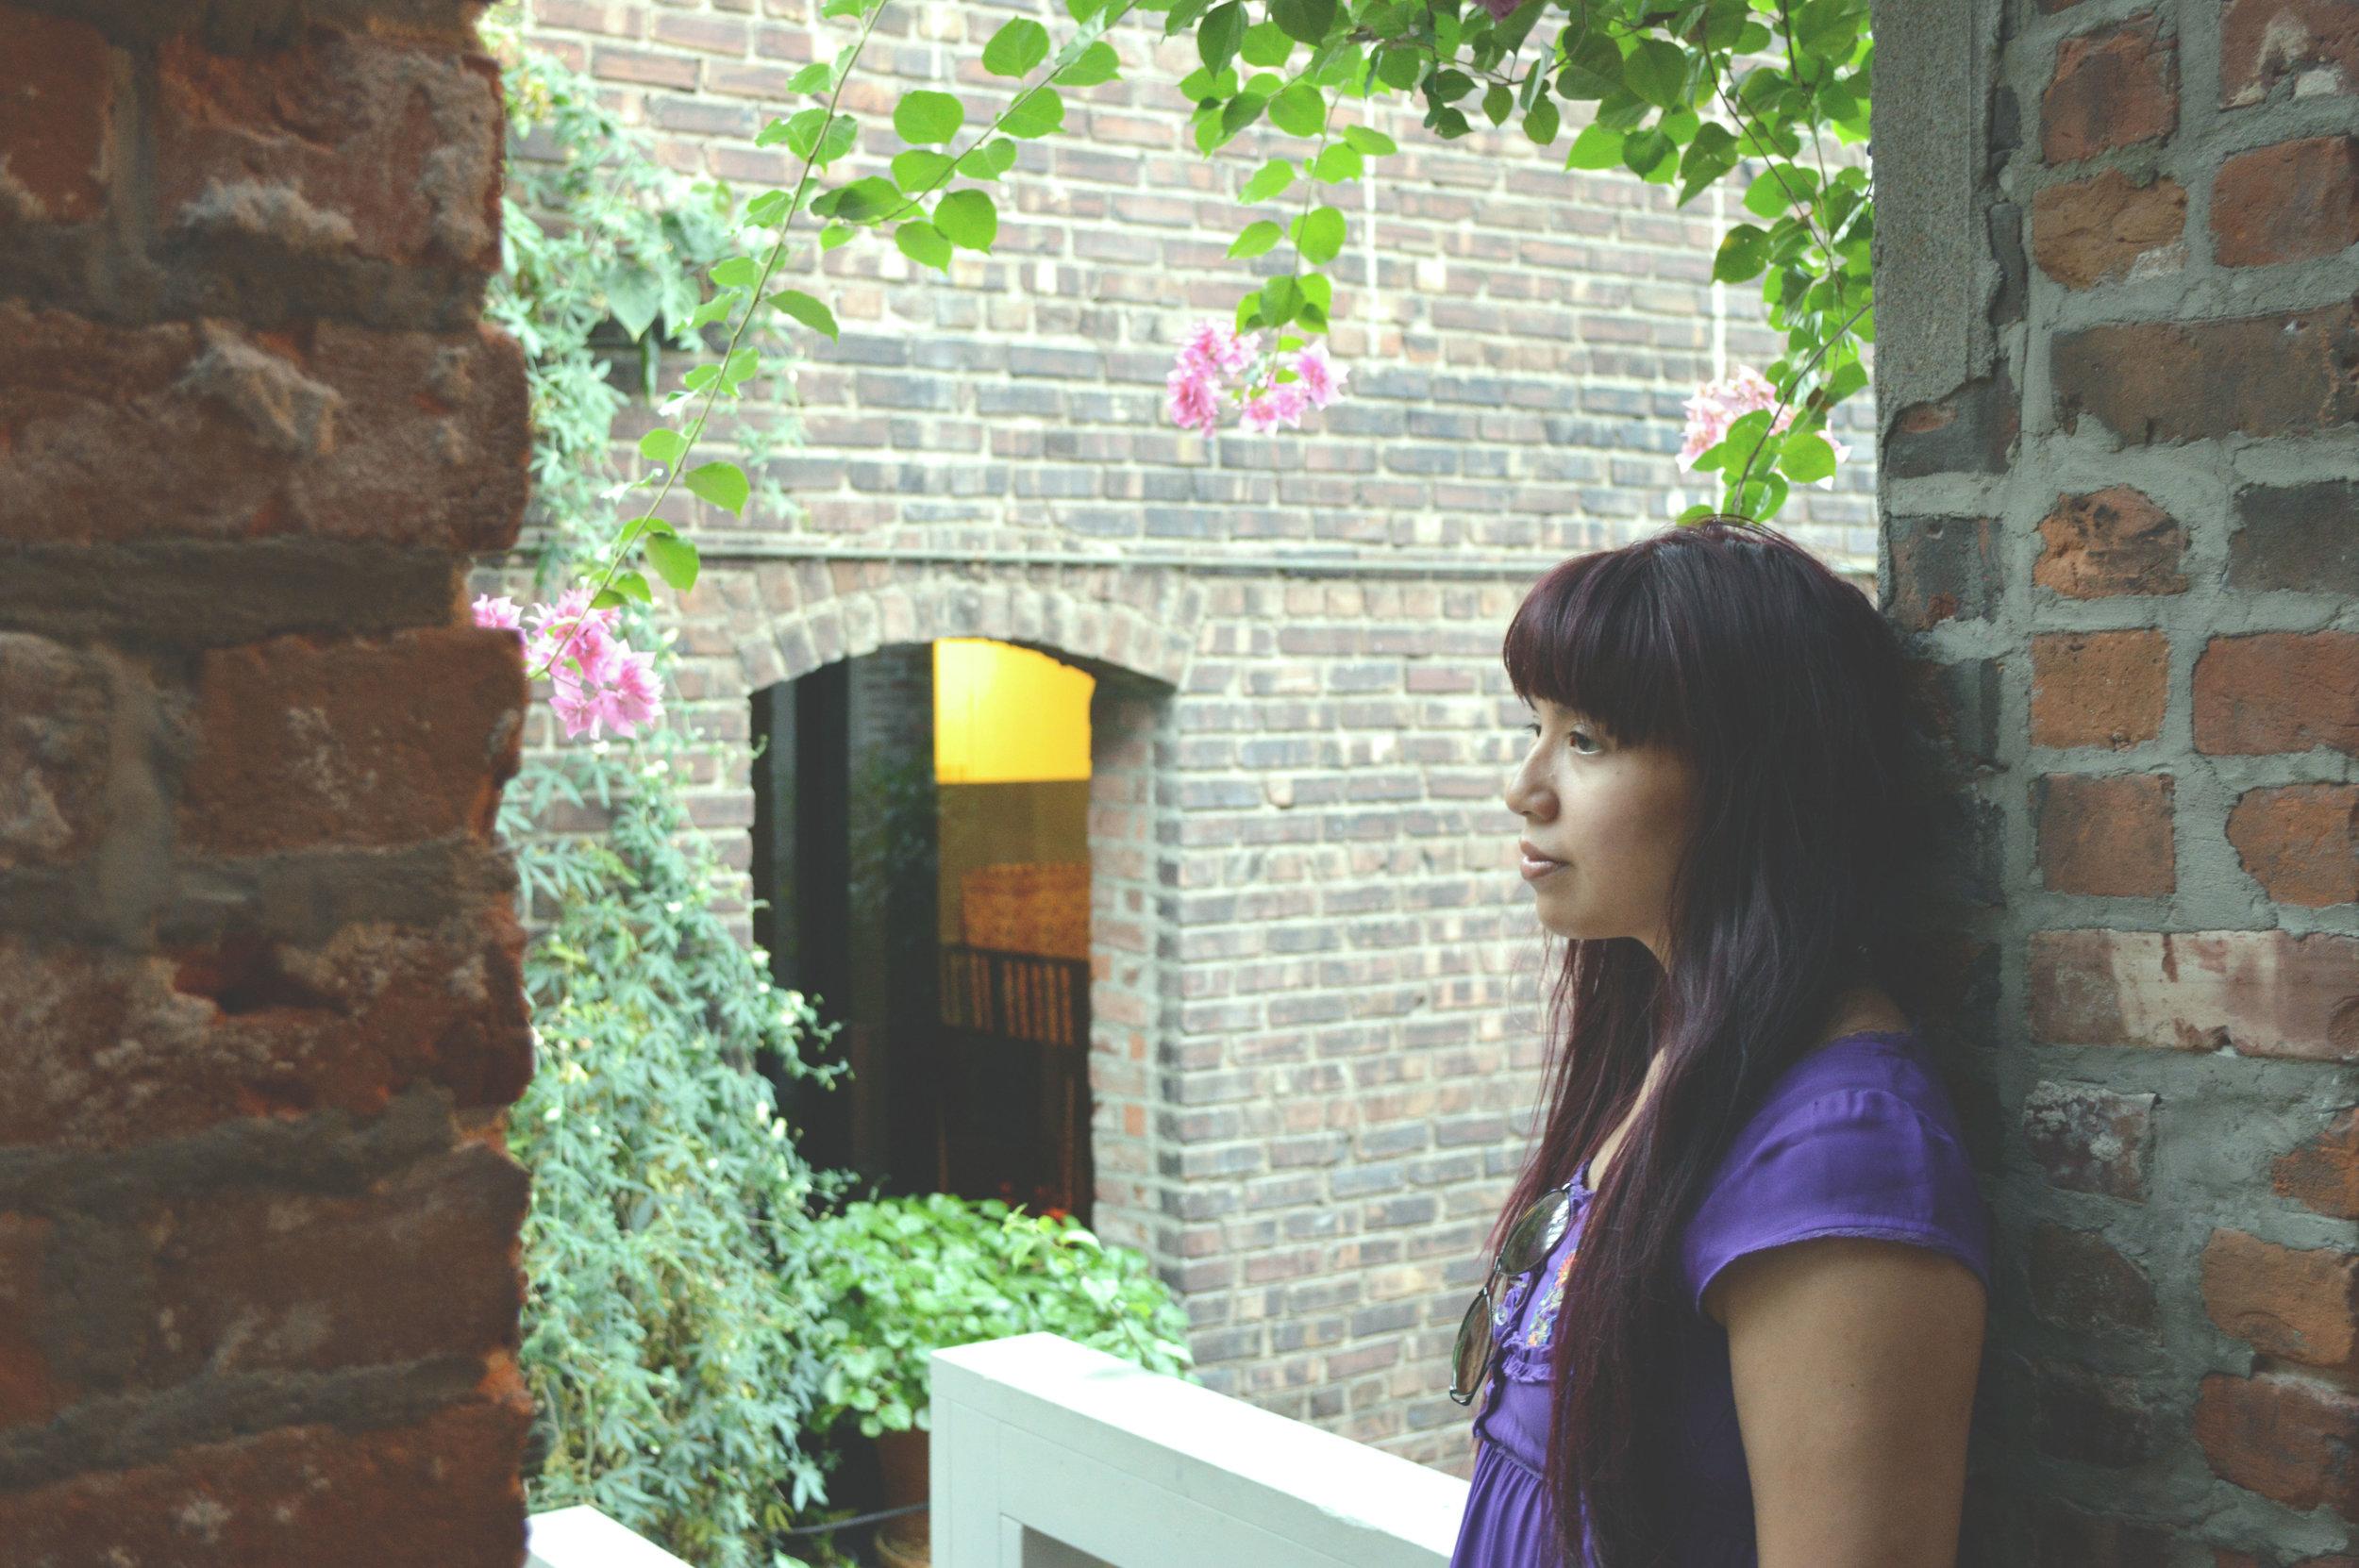 purpledress2.jpg